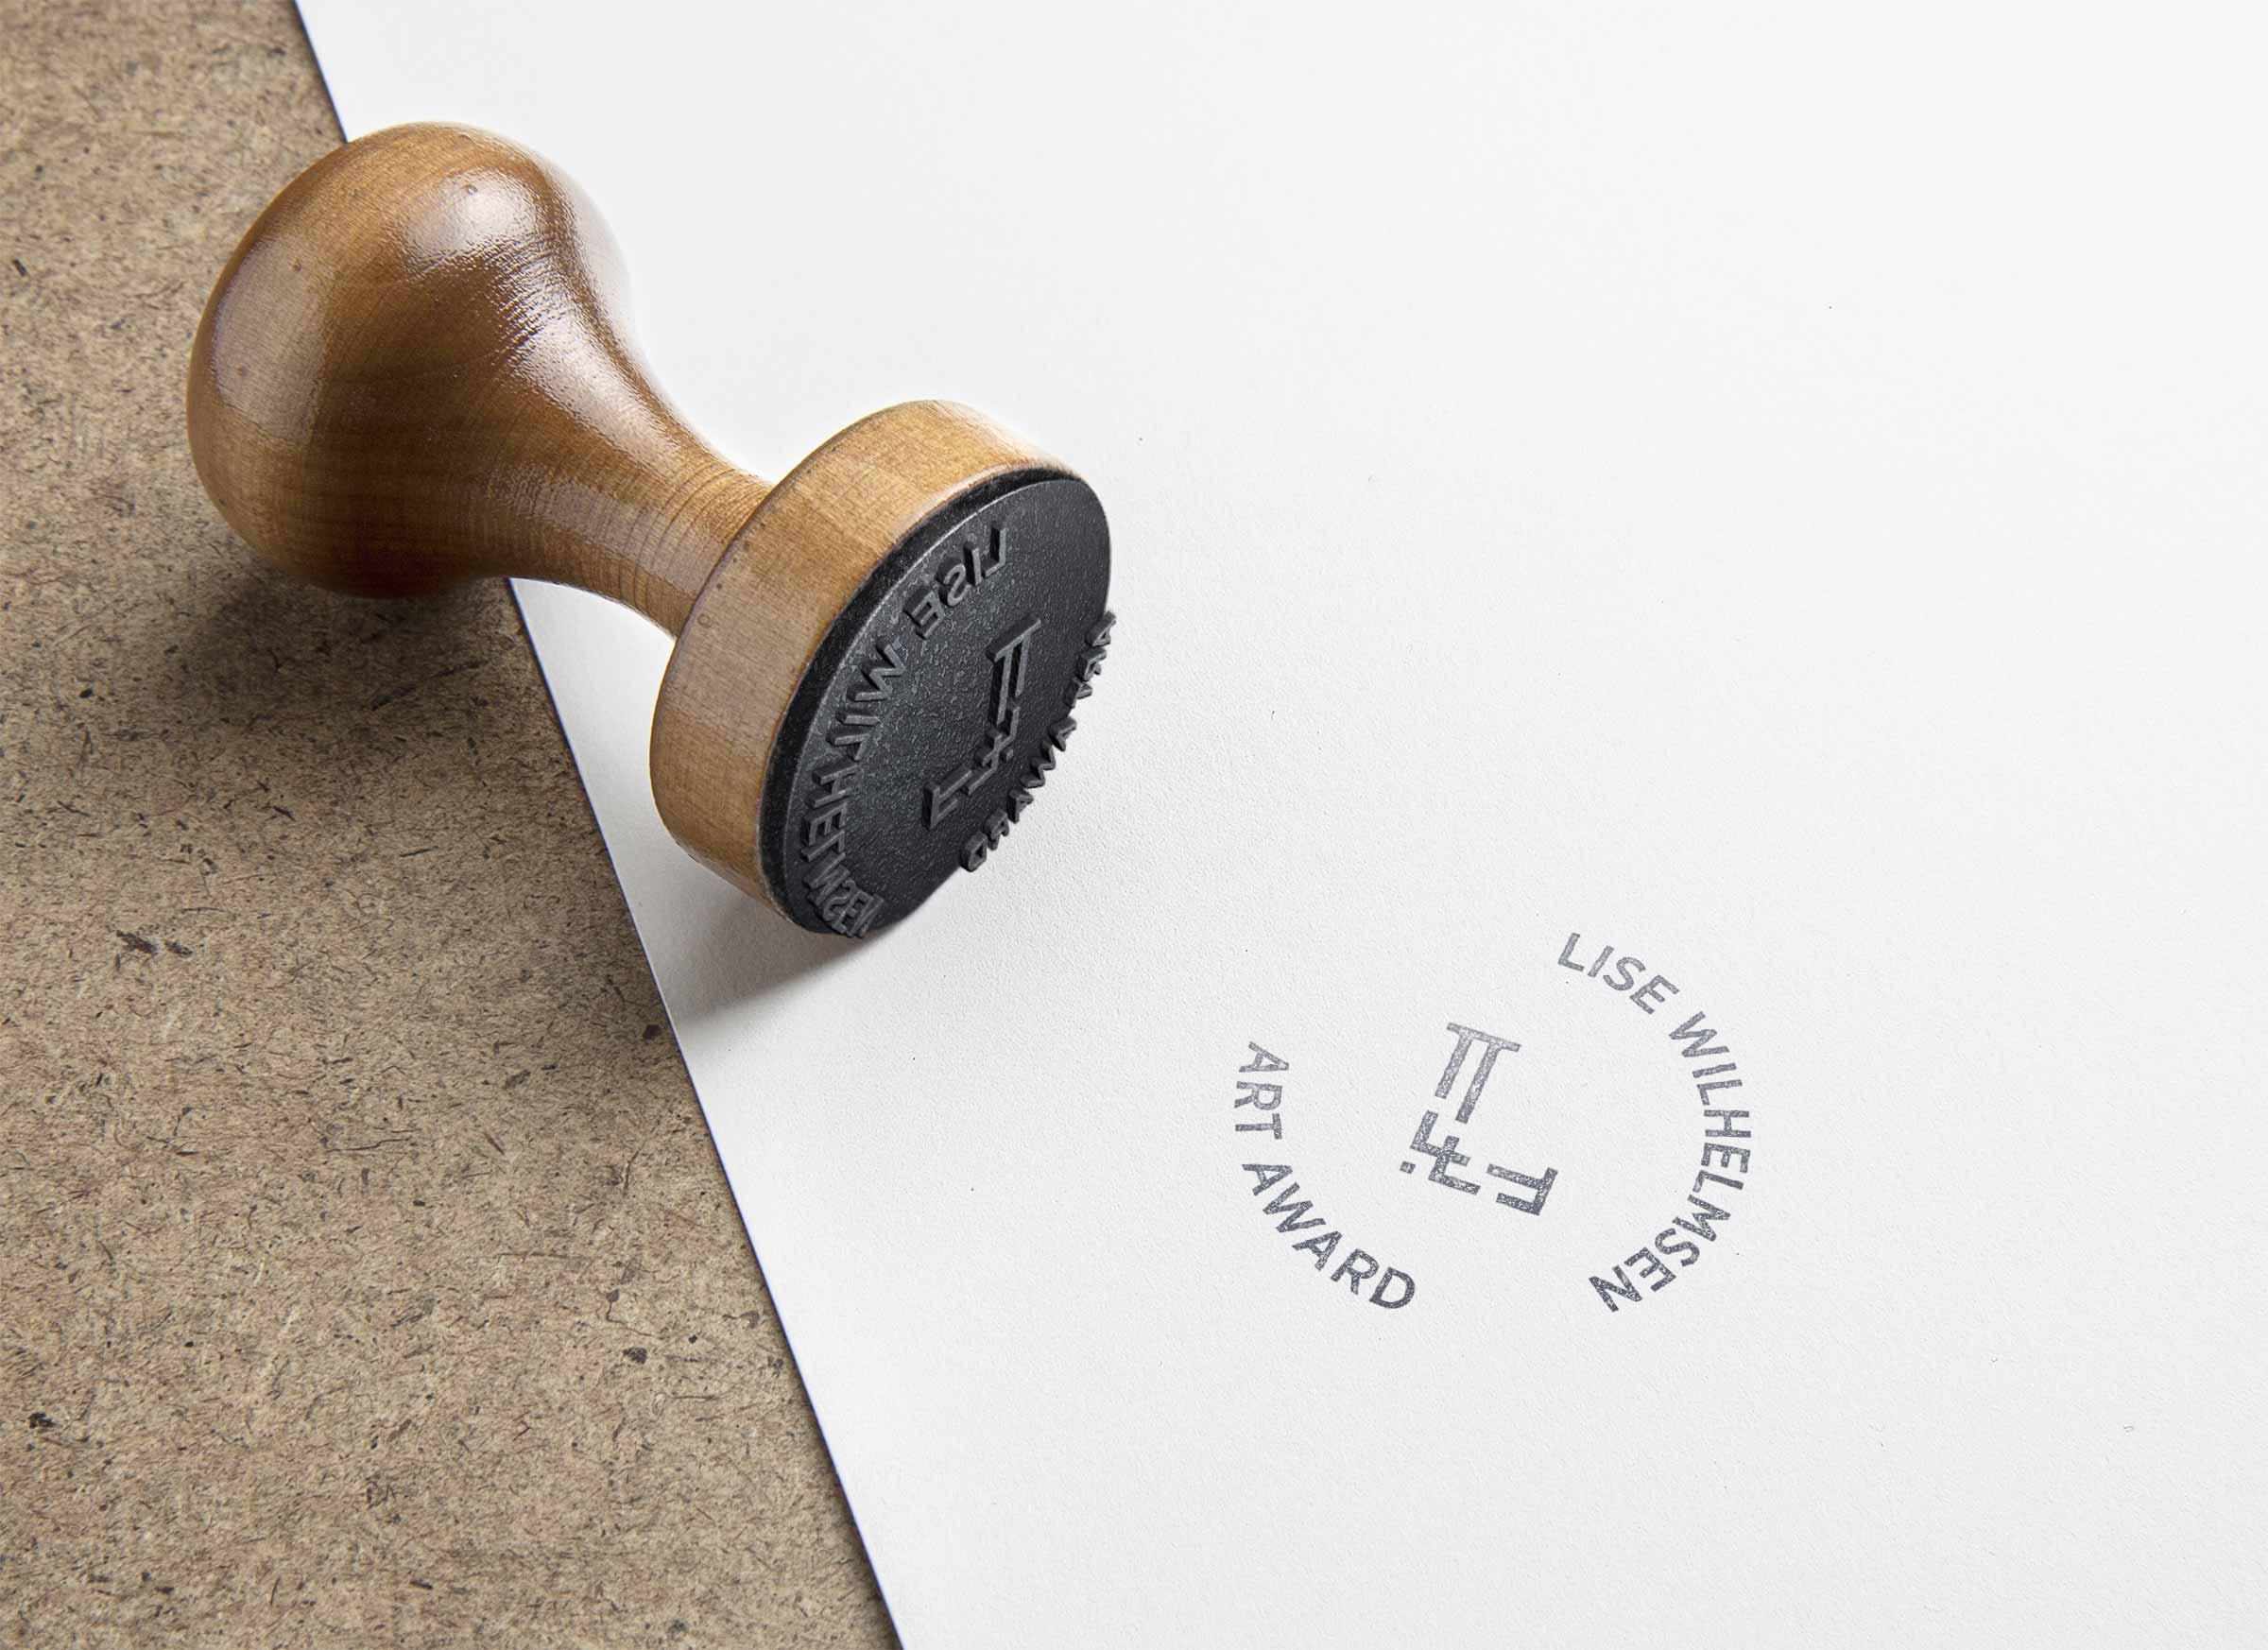 Lise Wilhelmsen Art Award rubber stamp logo, designed by SBDS